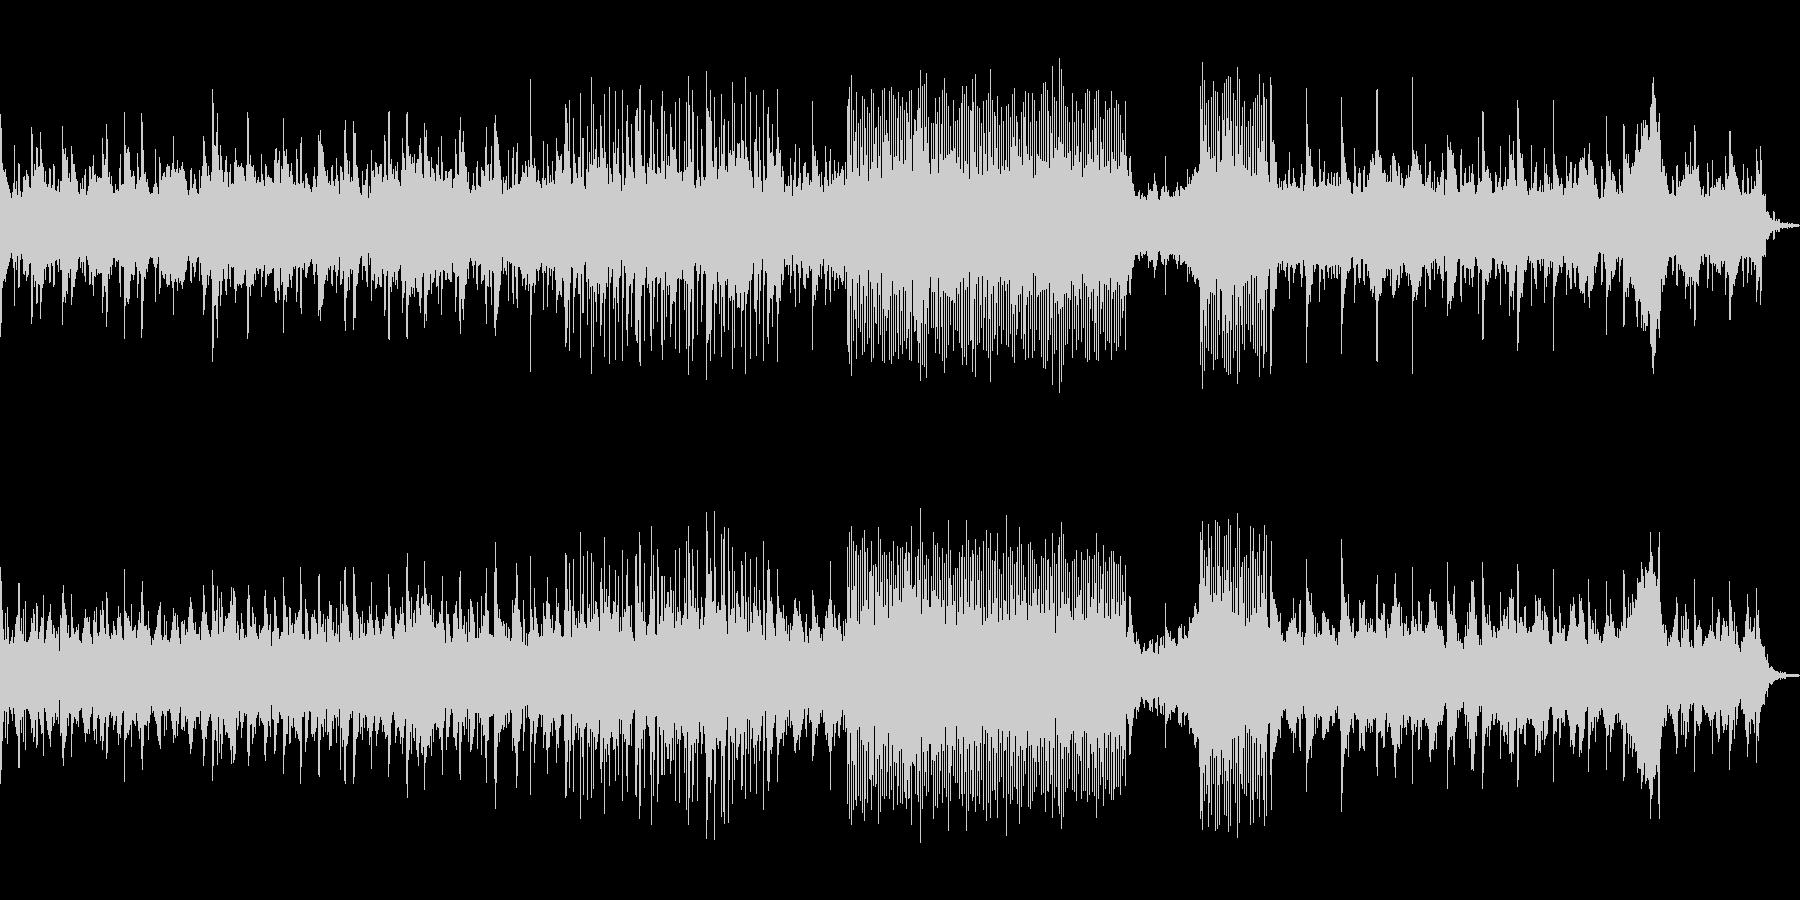 シンセを使ったインストの未再生の波形